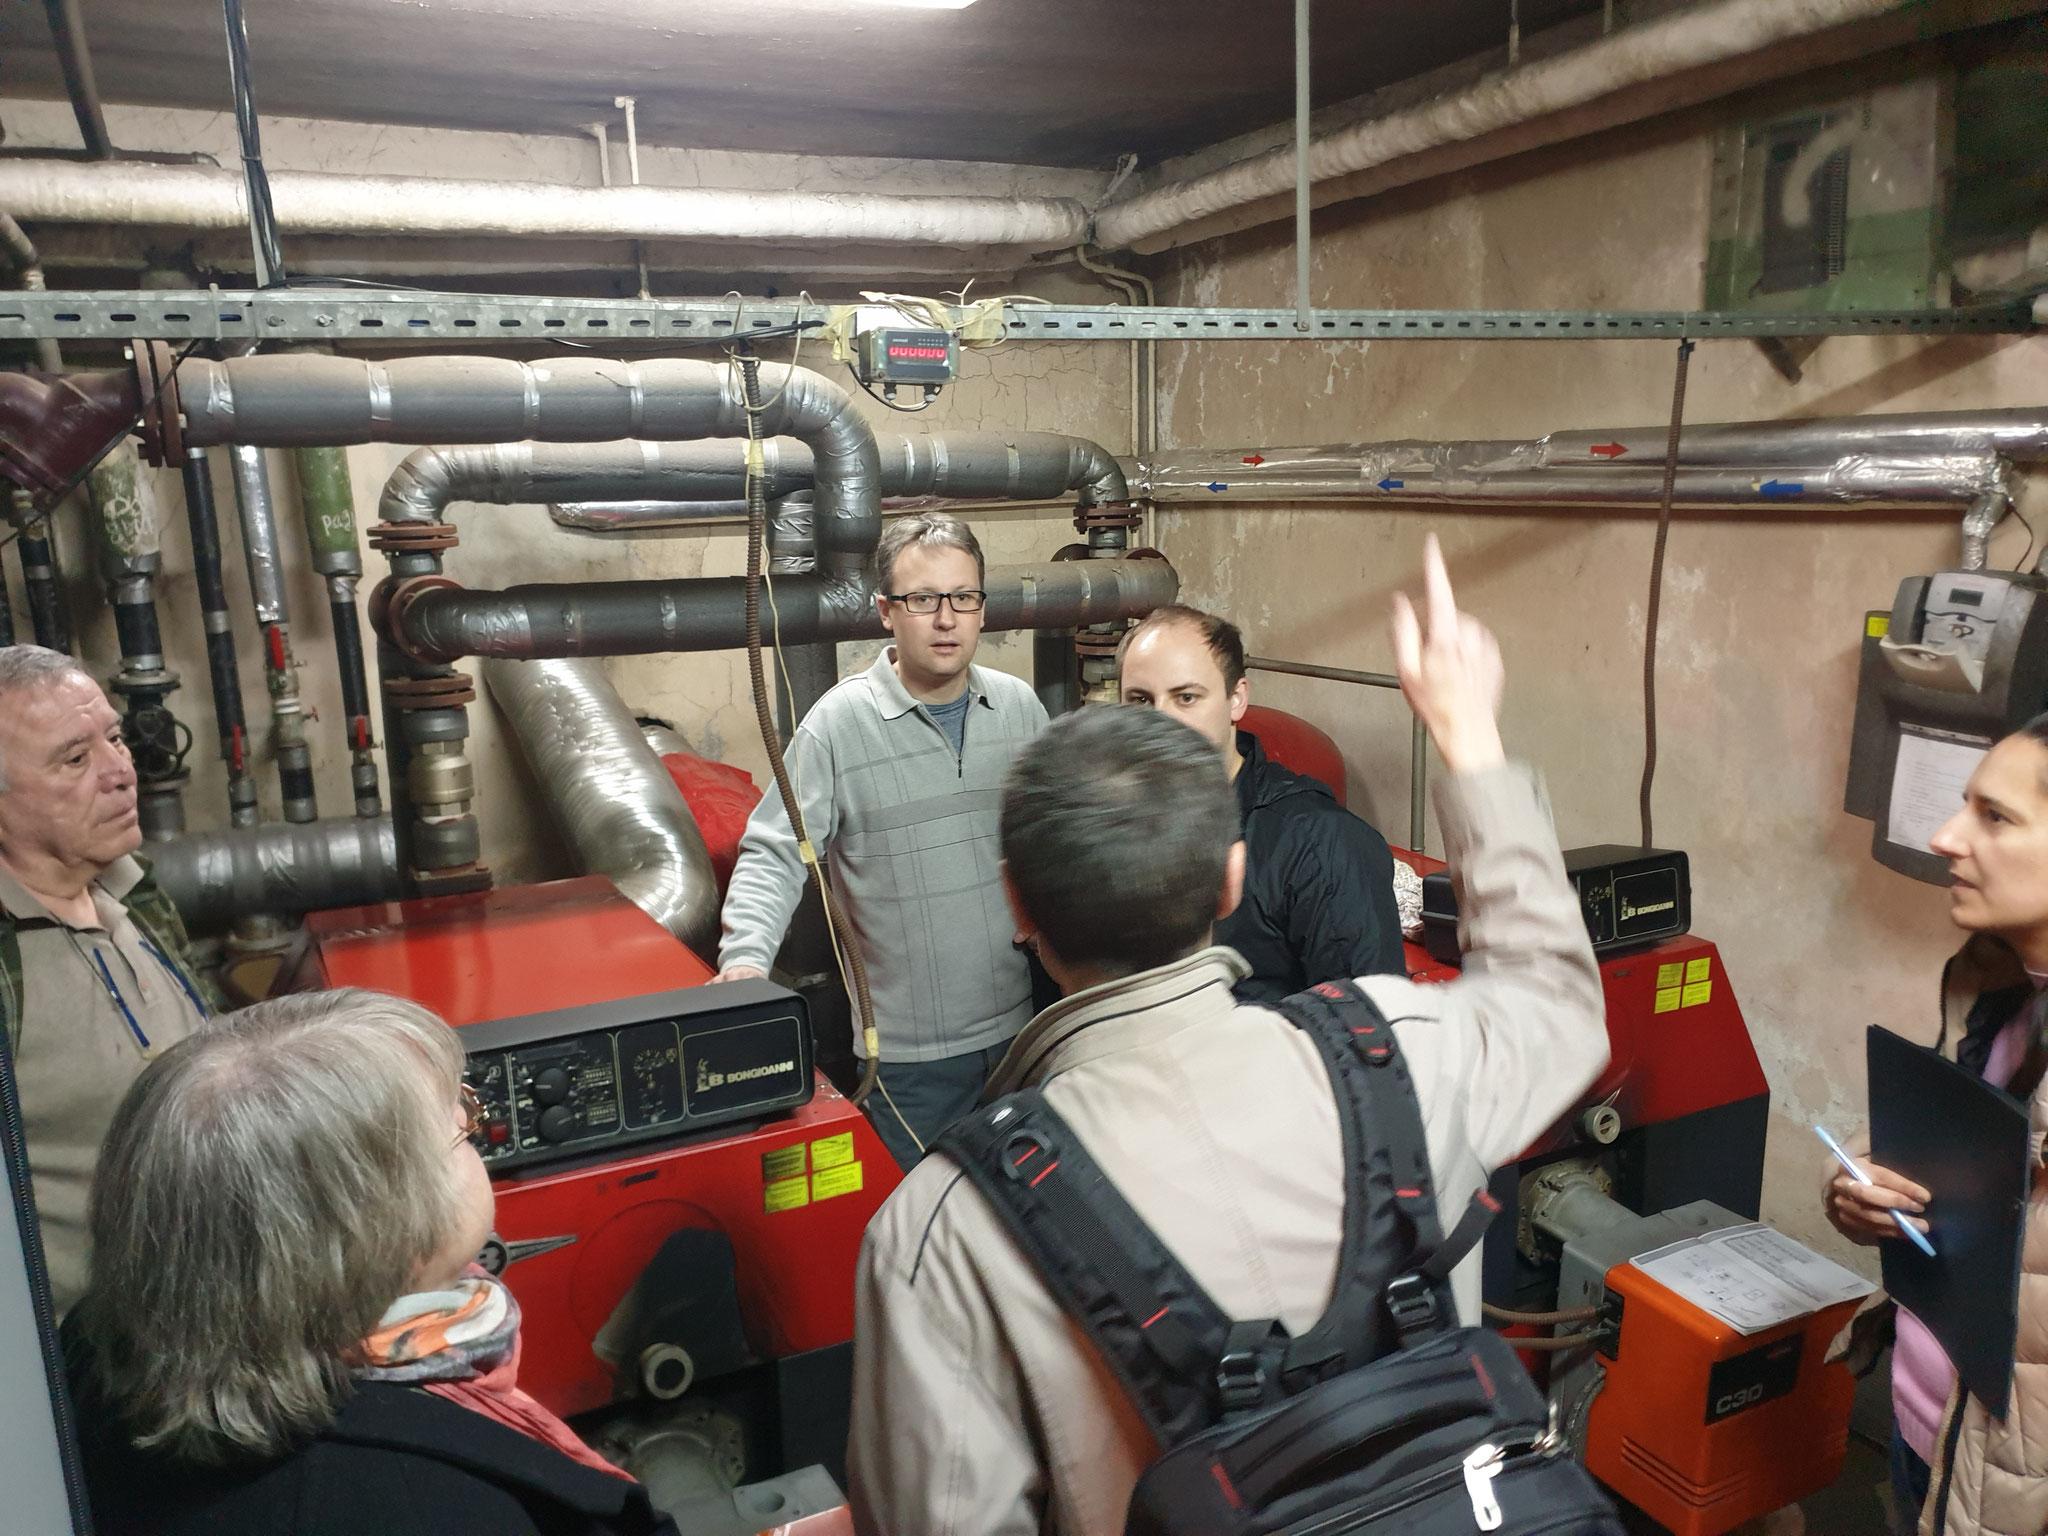 Beim Besuch im Heizungsraums eines Kindergartens in Sofia, Bulgarien werden gemeinsam mit dem zuständigen Hausmeister Problemstellen aufgezeigt.